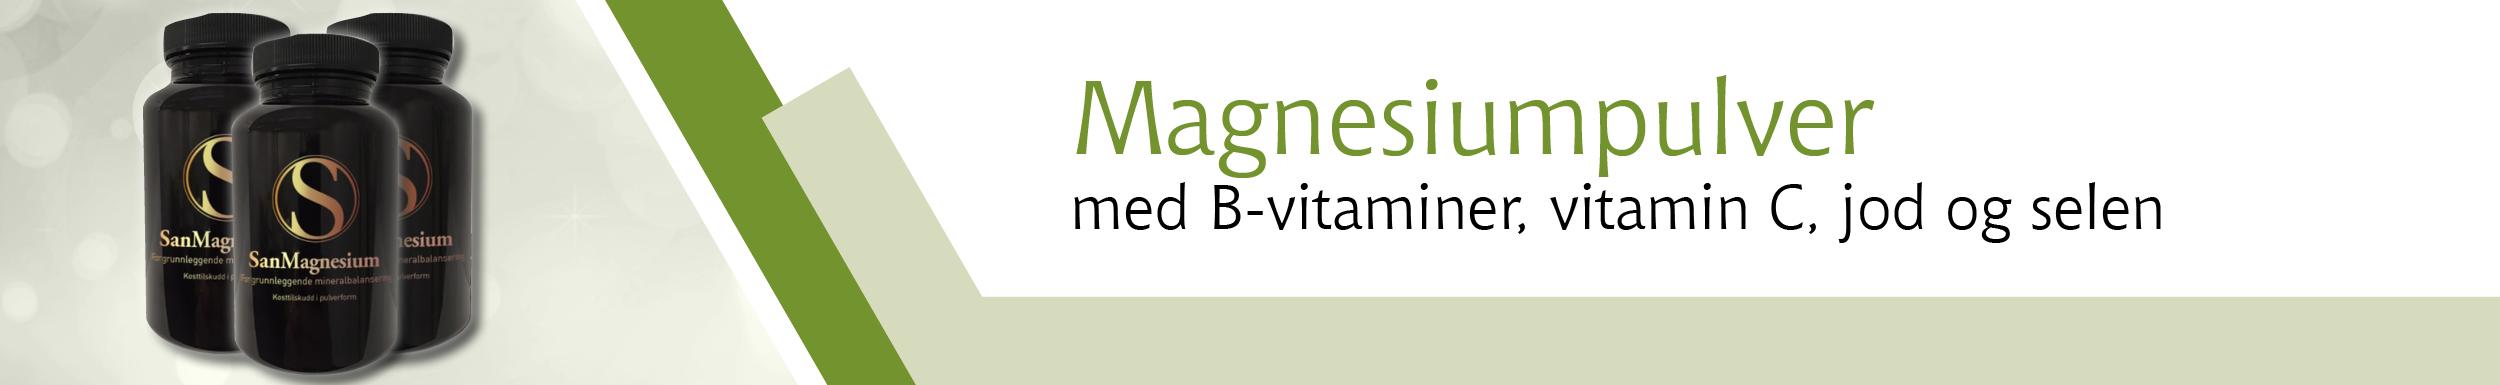 magnesium - annonse